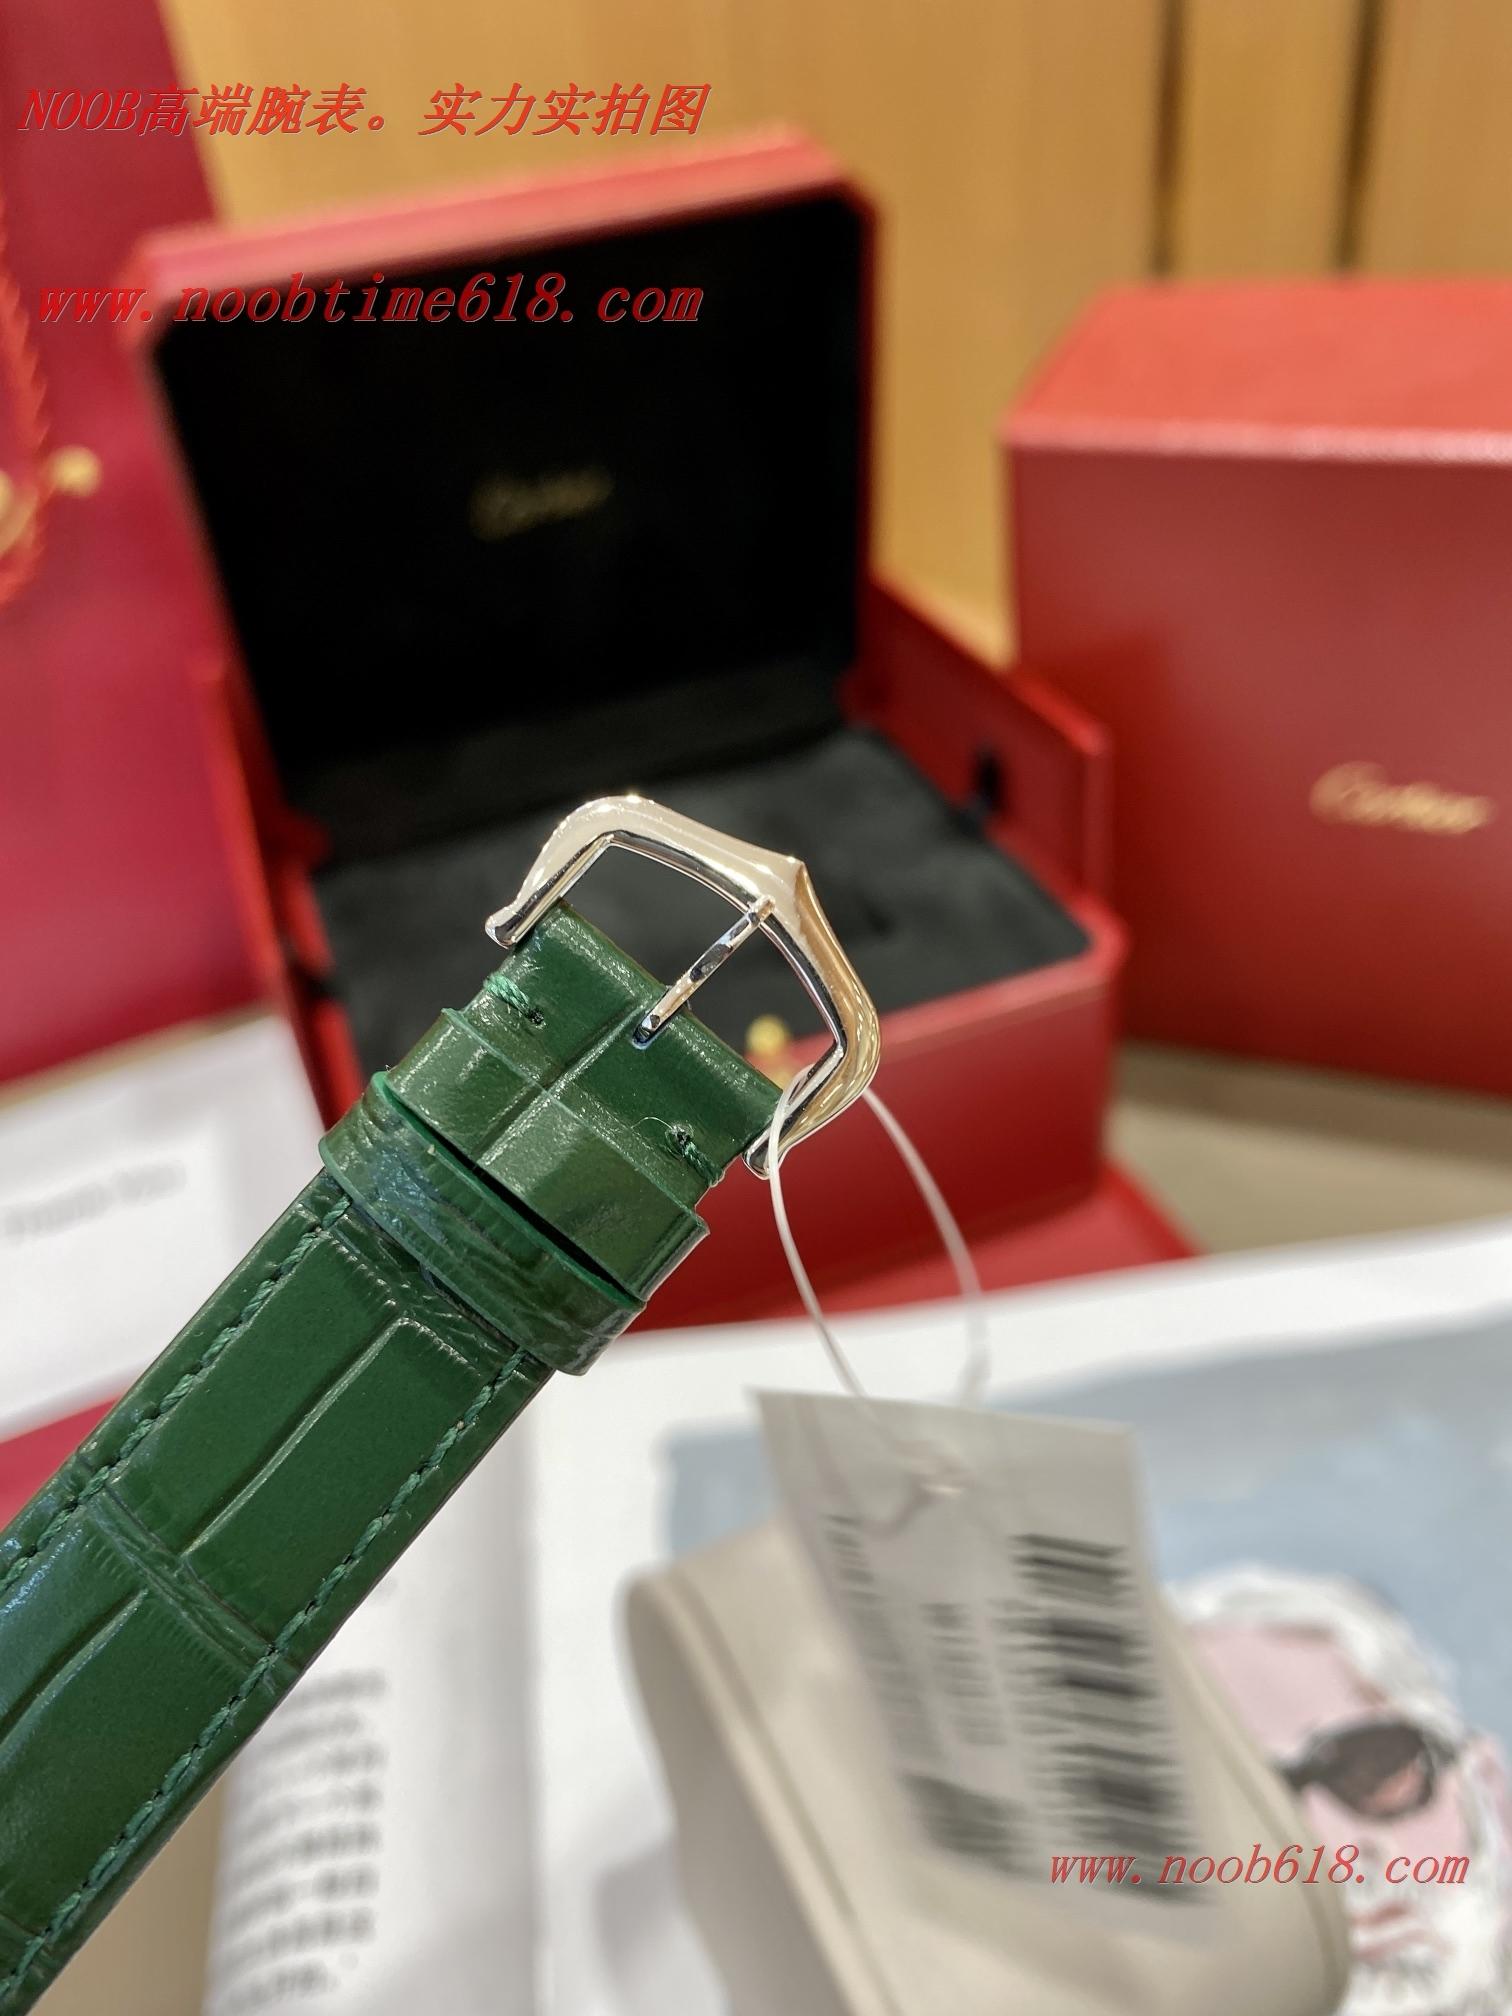 臺灣仿錶,DR廠手錶,卡地亞 Cartier Tank系列精仿手錶